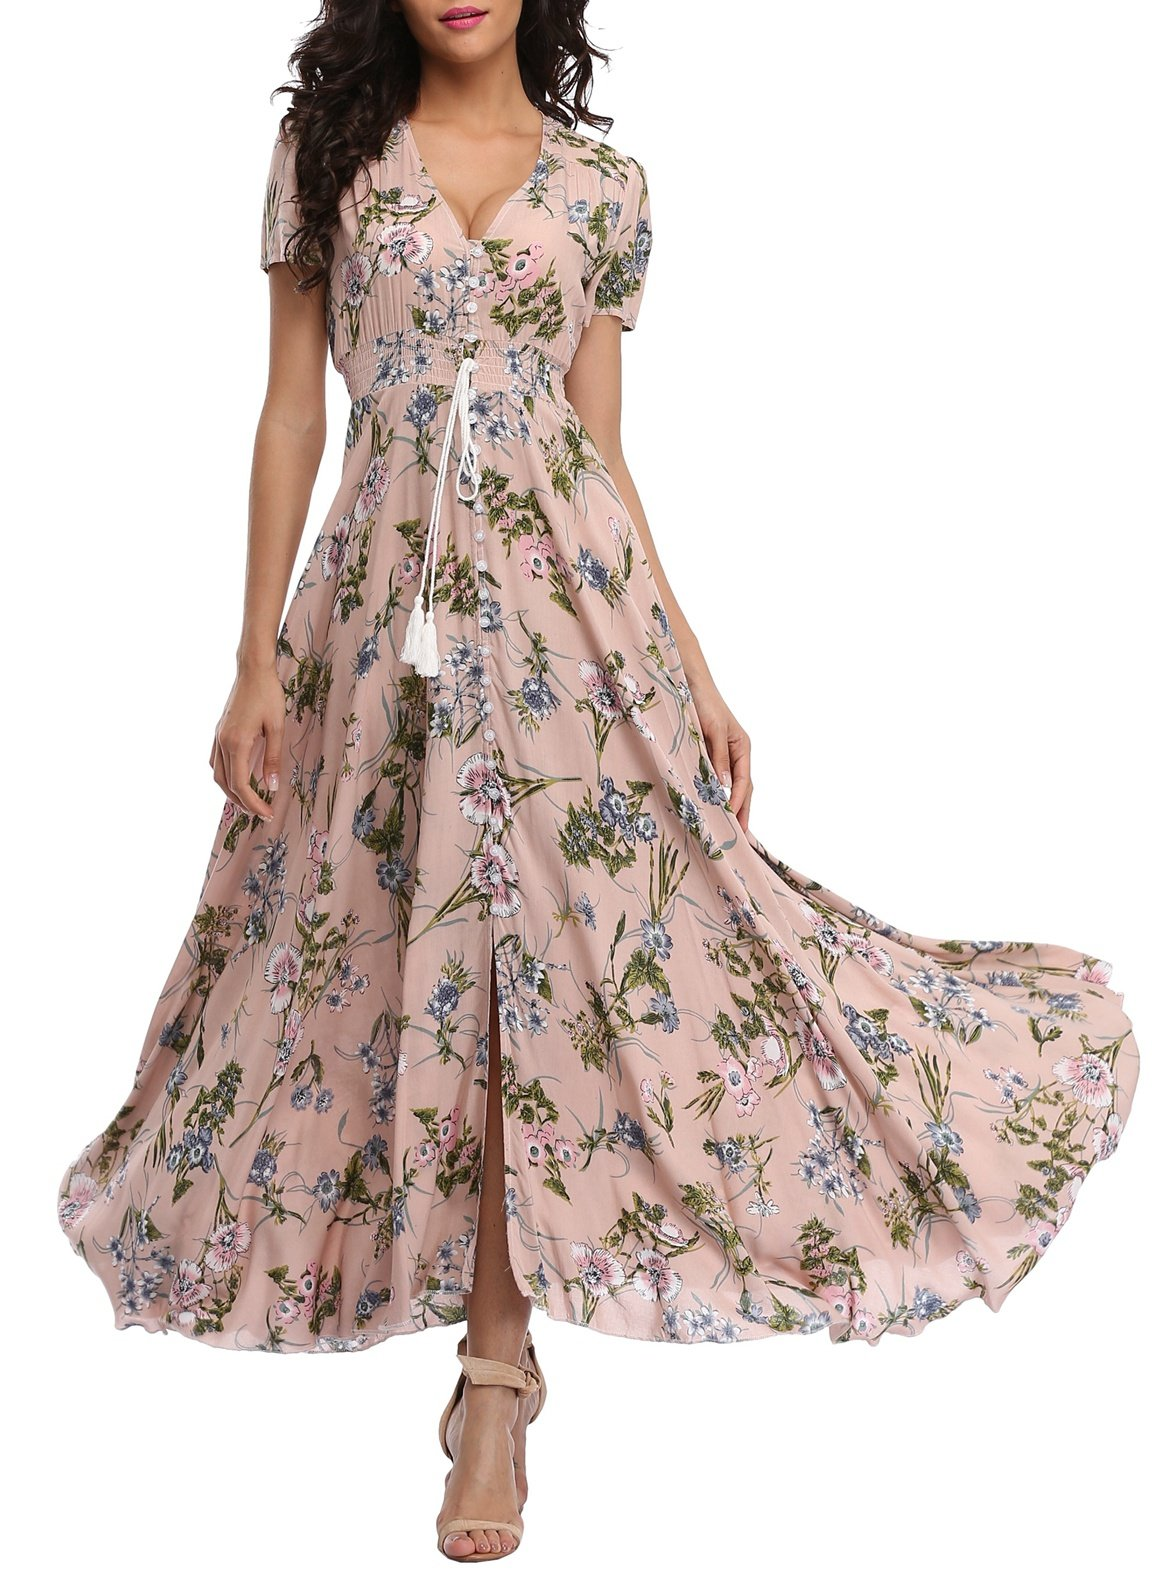 VintageClothing Women's Floral Print Maxi Dresses Boho Button Up Split Beach Party Dress,Pale Dogwood,XX-Large